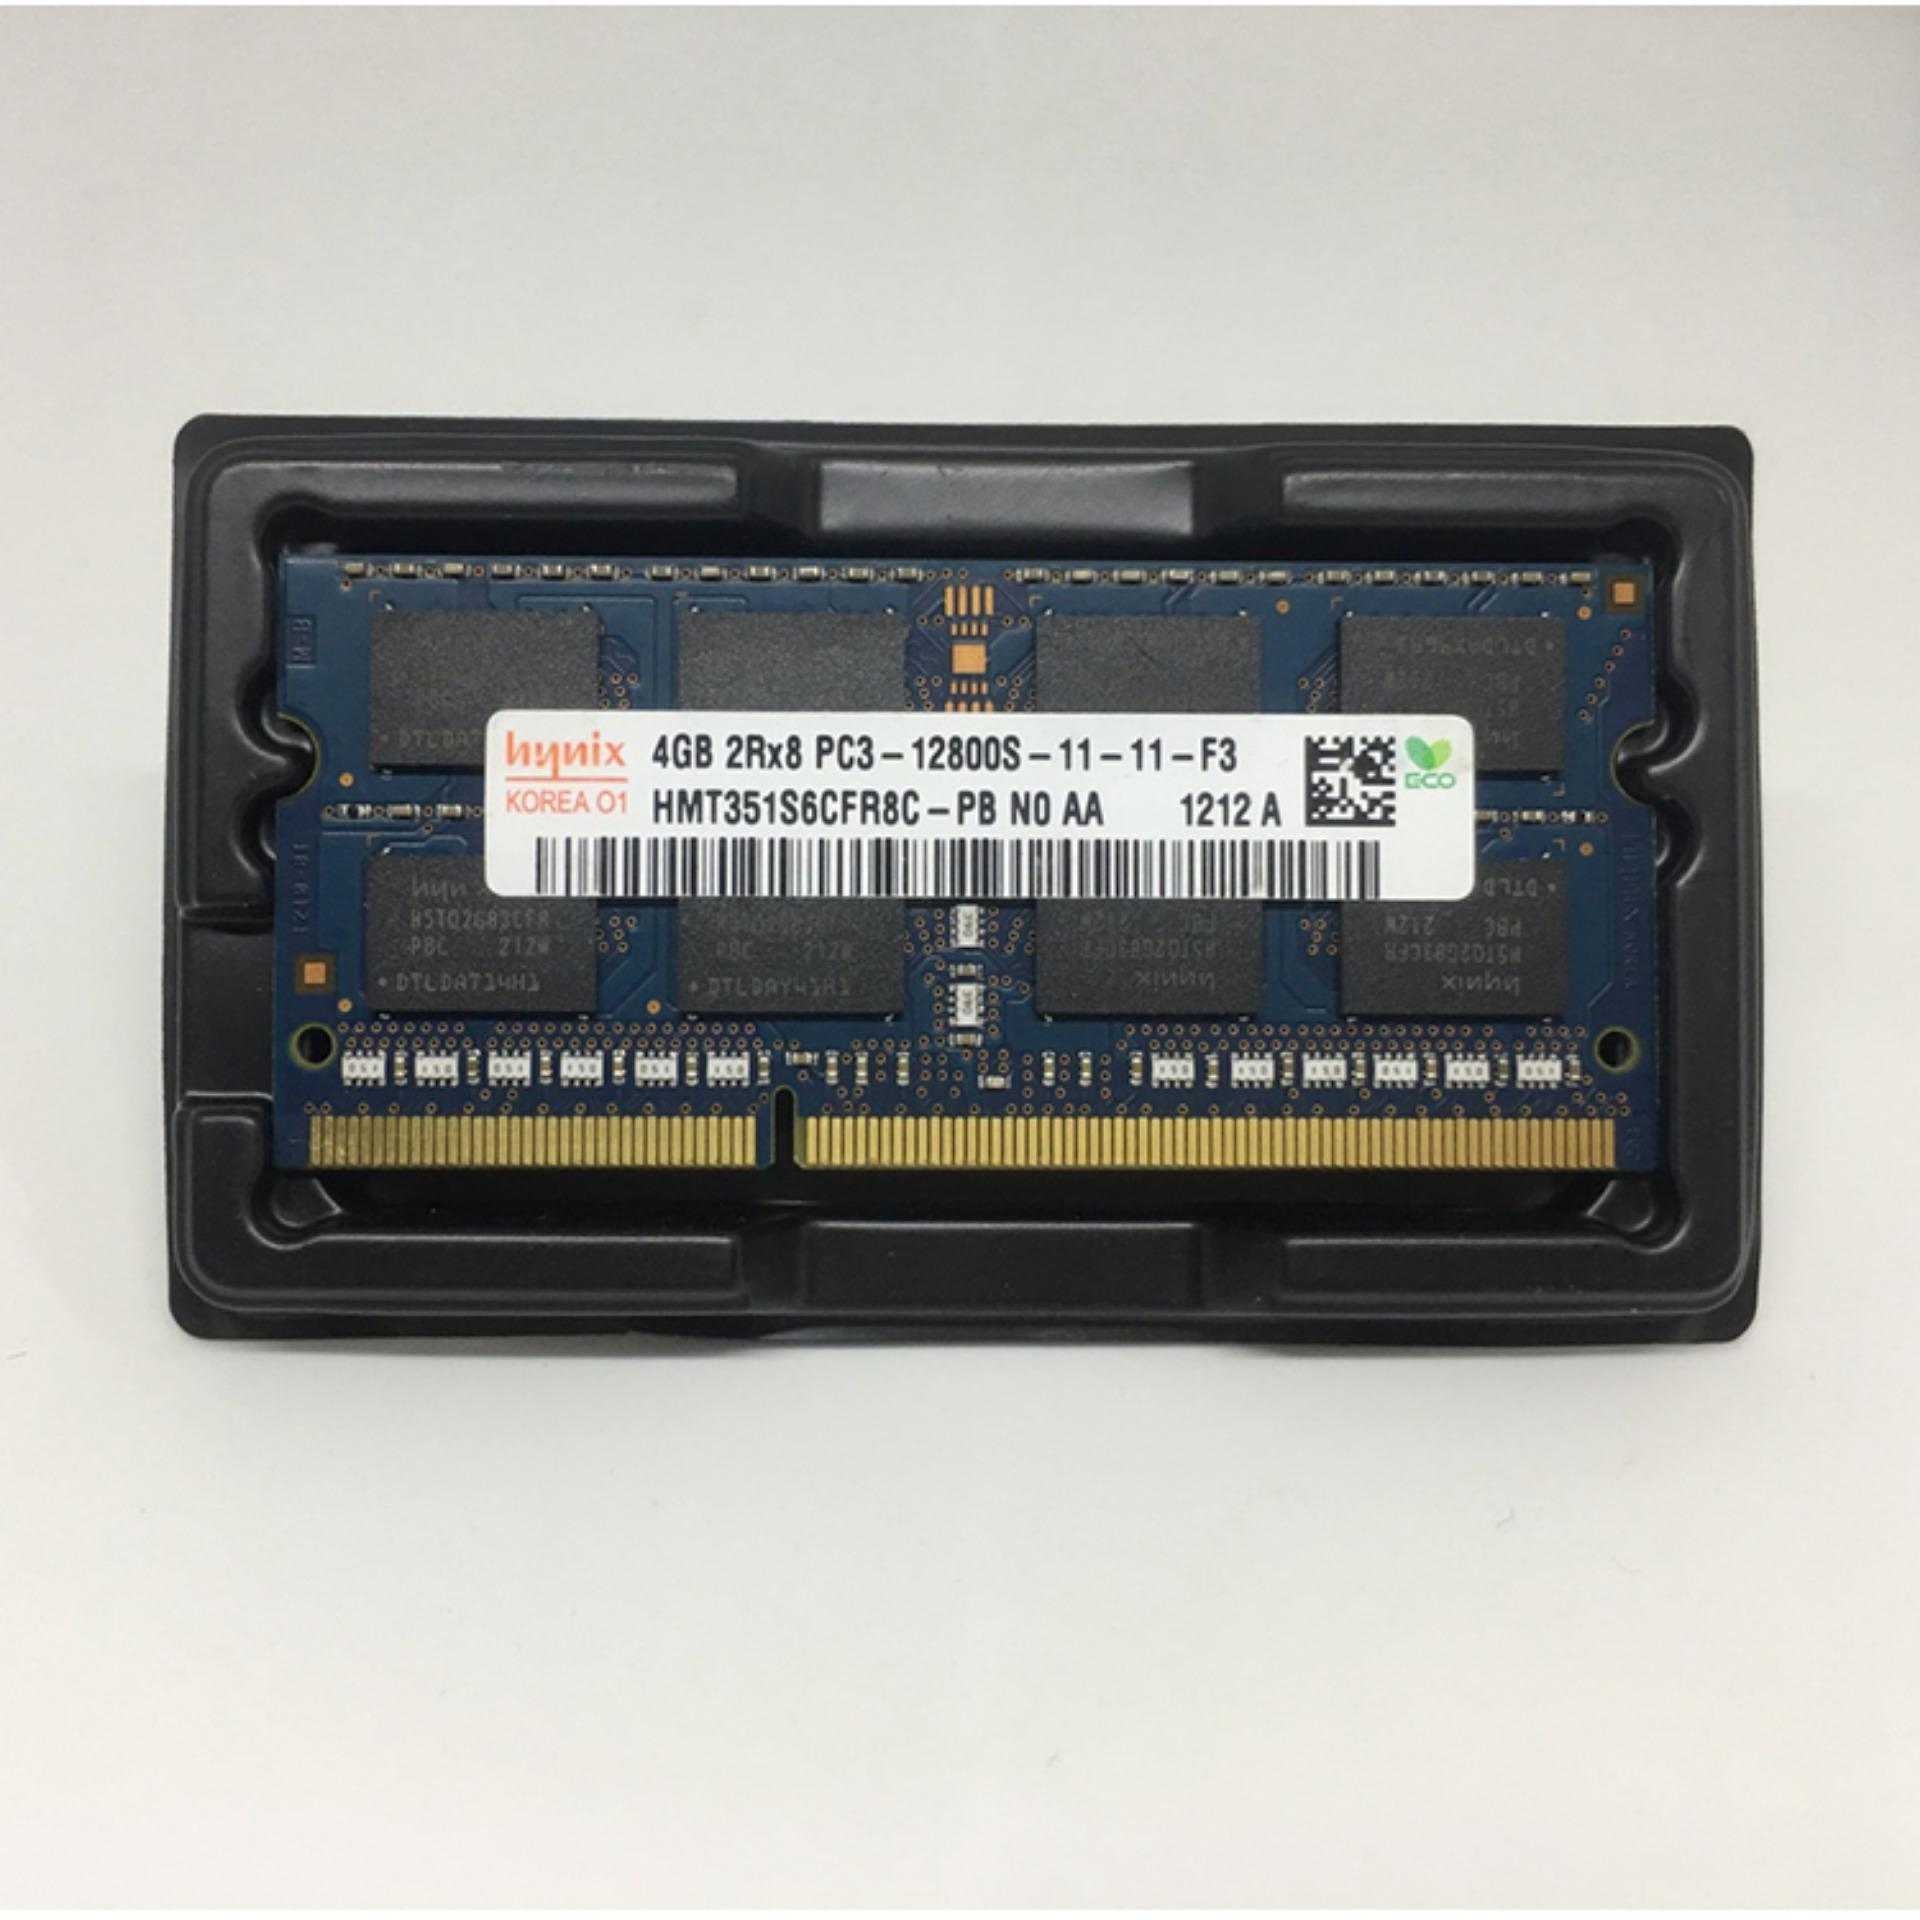 Hình ảnh Ram Laptop Hynix 4GB DDR3 PC3-10600S/12800S Bus 1333/1600